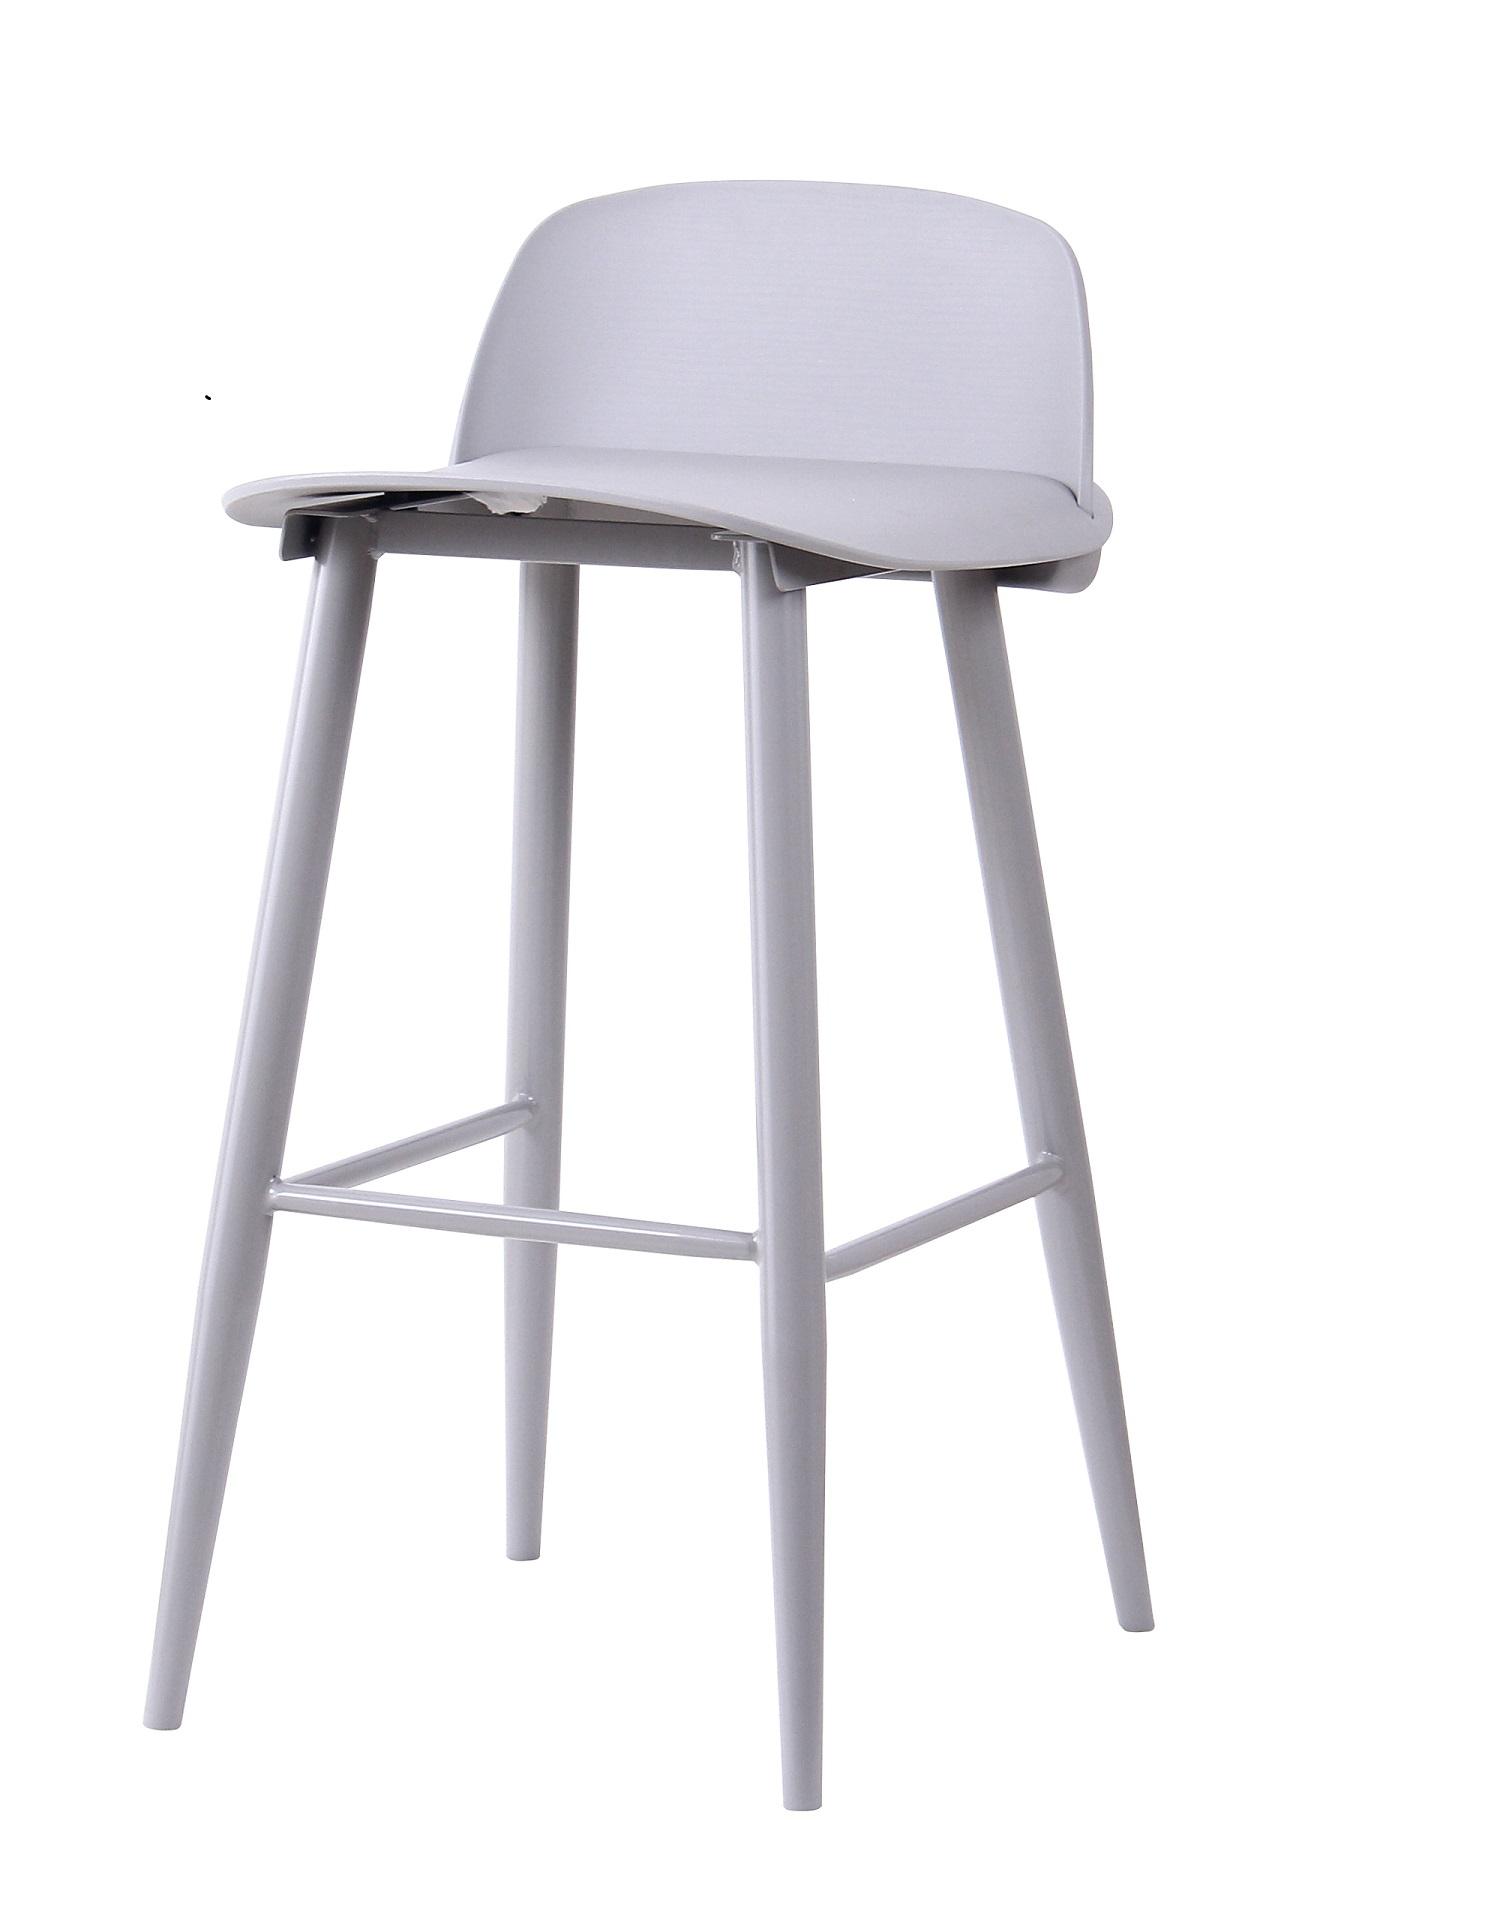 Scaun de bar din plastic, cu picioare metalice Roxie Grey, l45xA42xH75cm